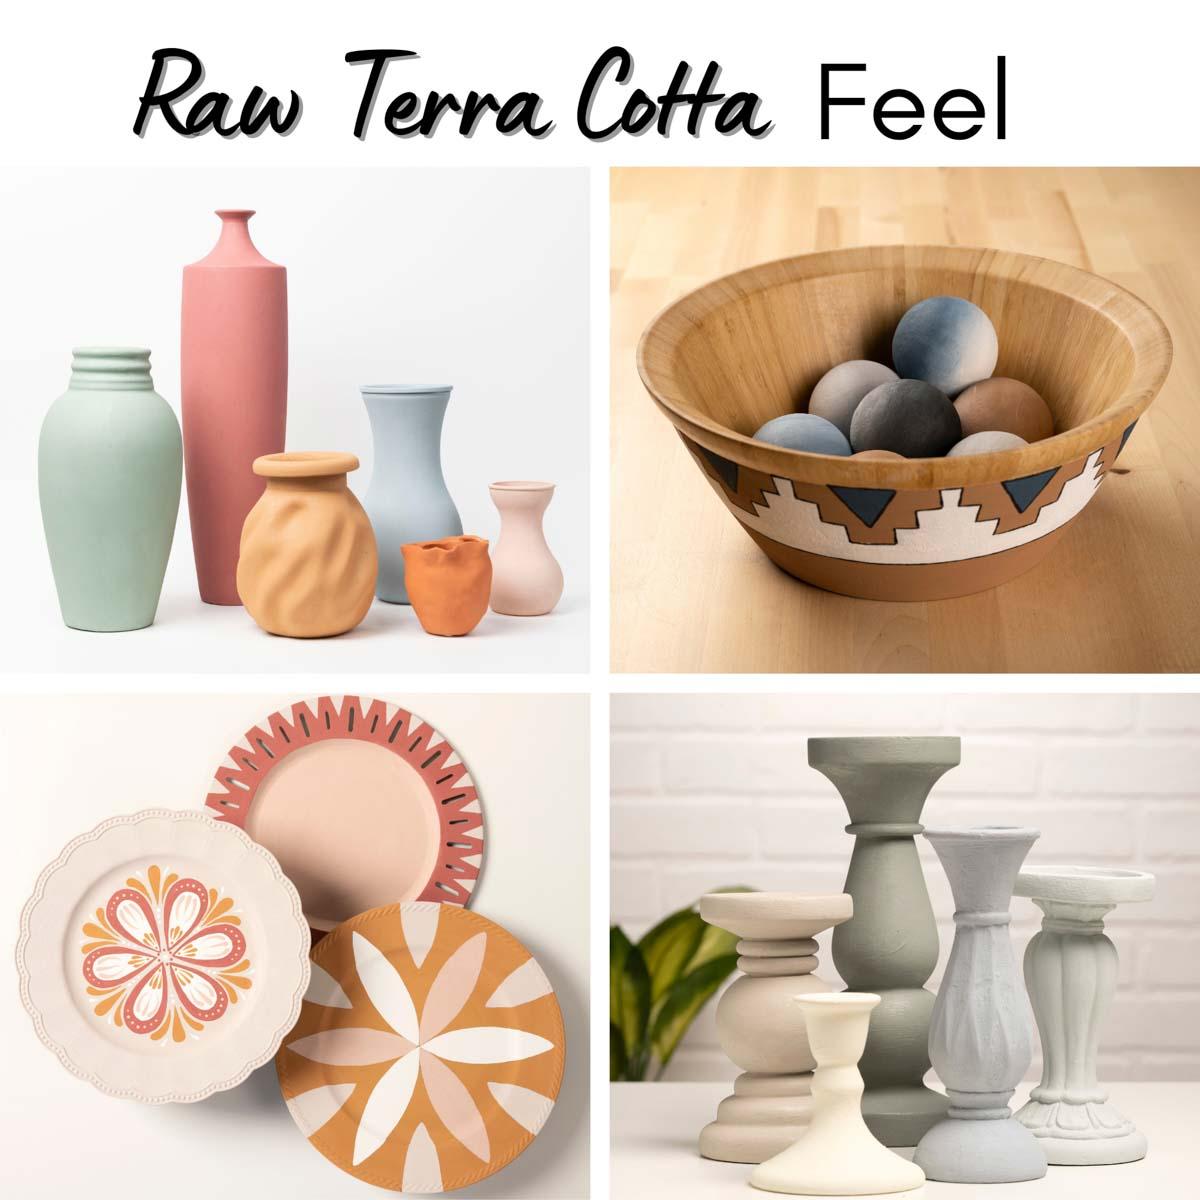 FolkArt ® Terra Cotta™ Acrylic Paint - Sea Frost, 2 oz. - 7023